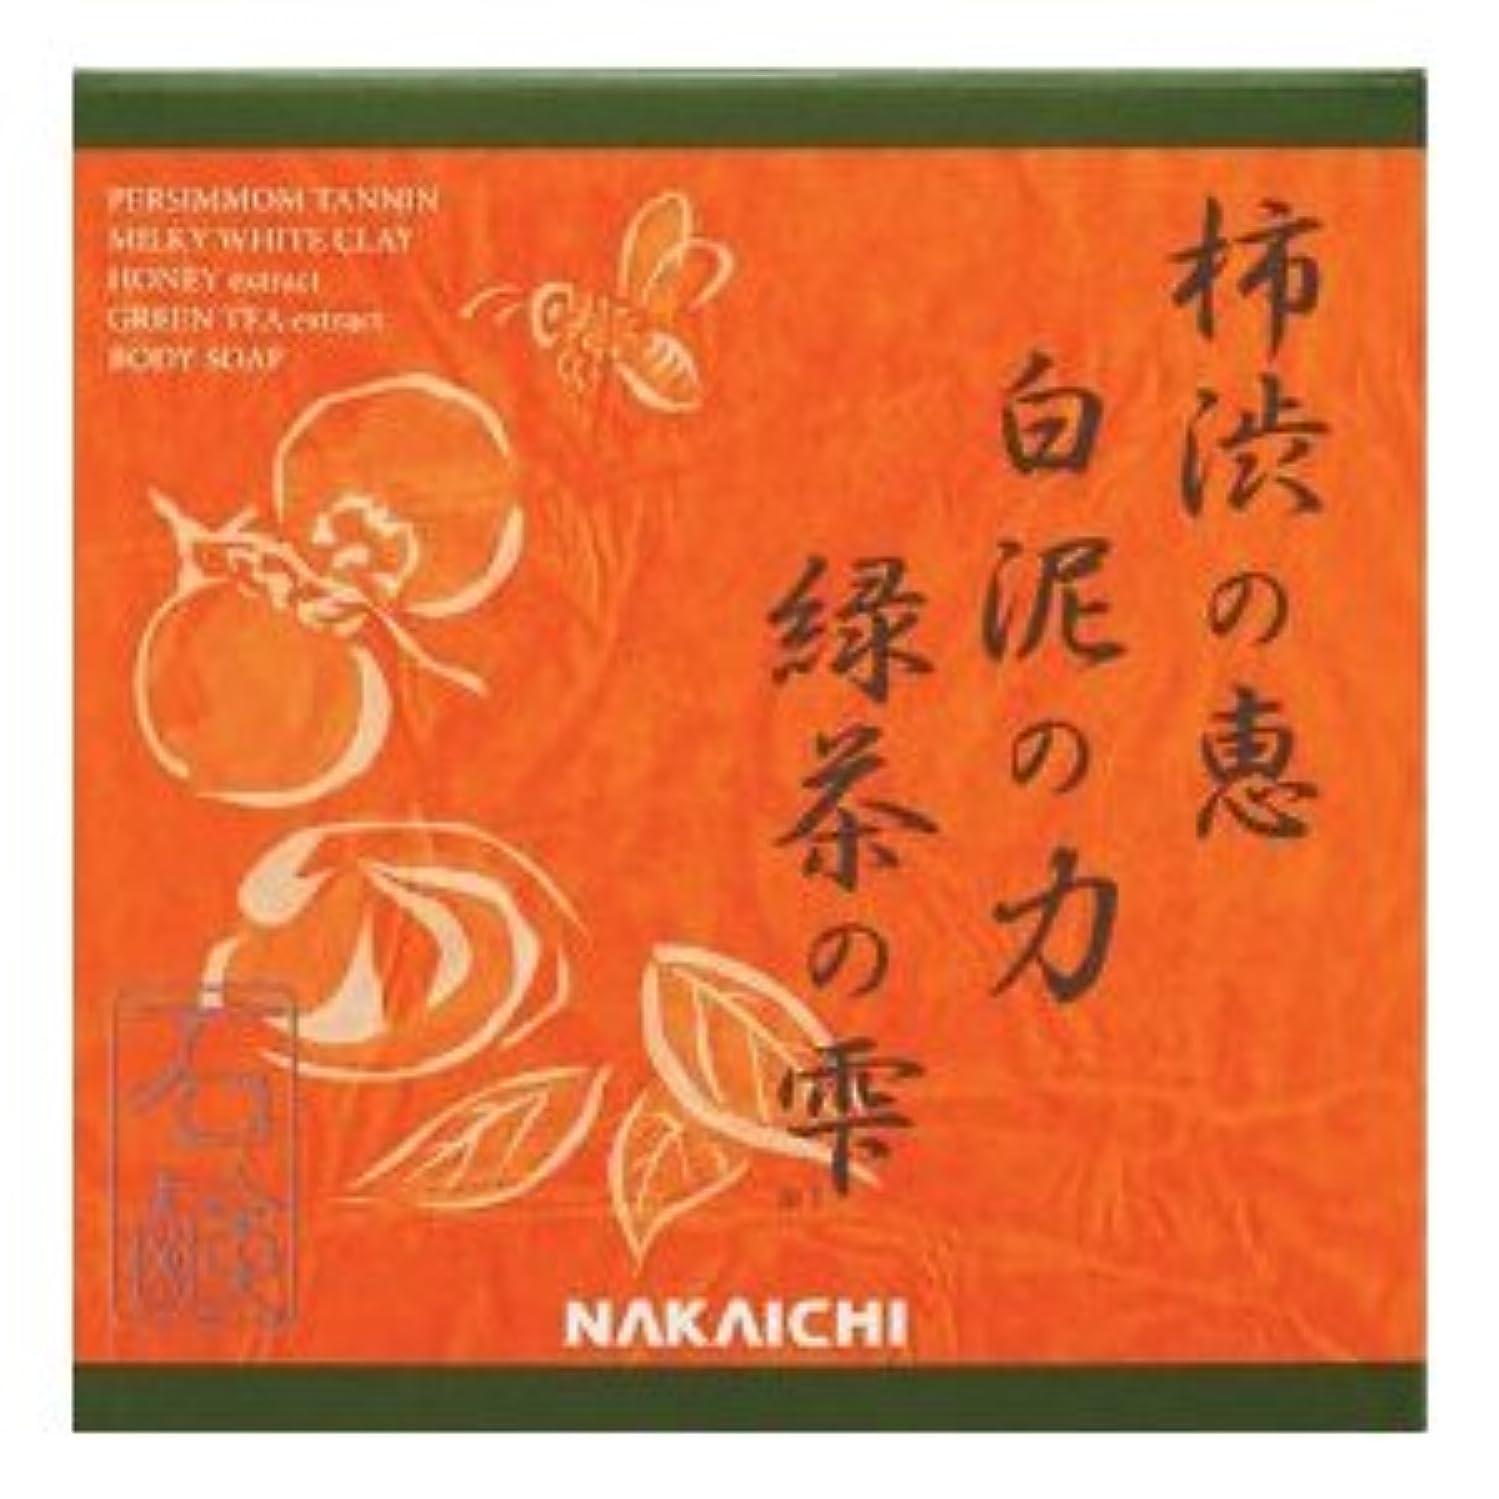 絡み合い風刺パーティション柿渋の恵み?白泥の力?緑茶の雫  Nakaichi クリアボディーソープ  100g  (化粧品)